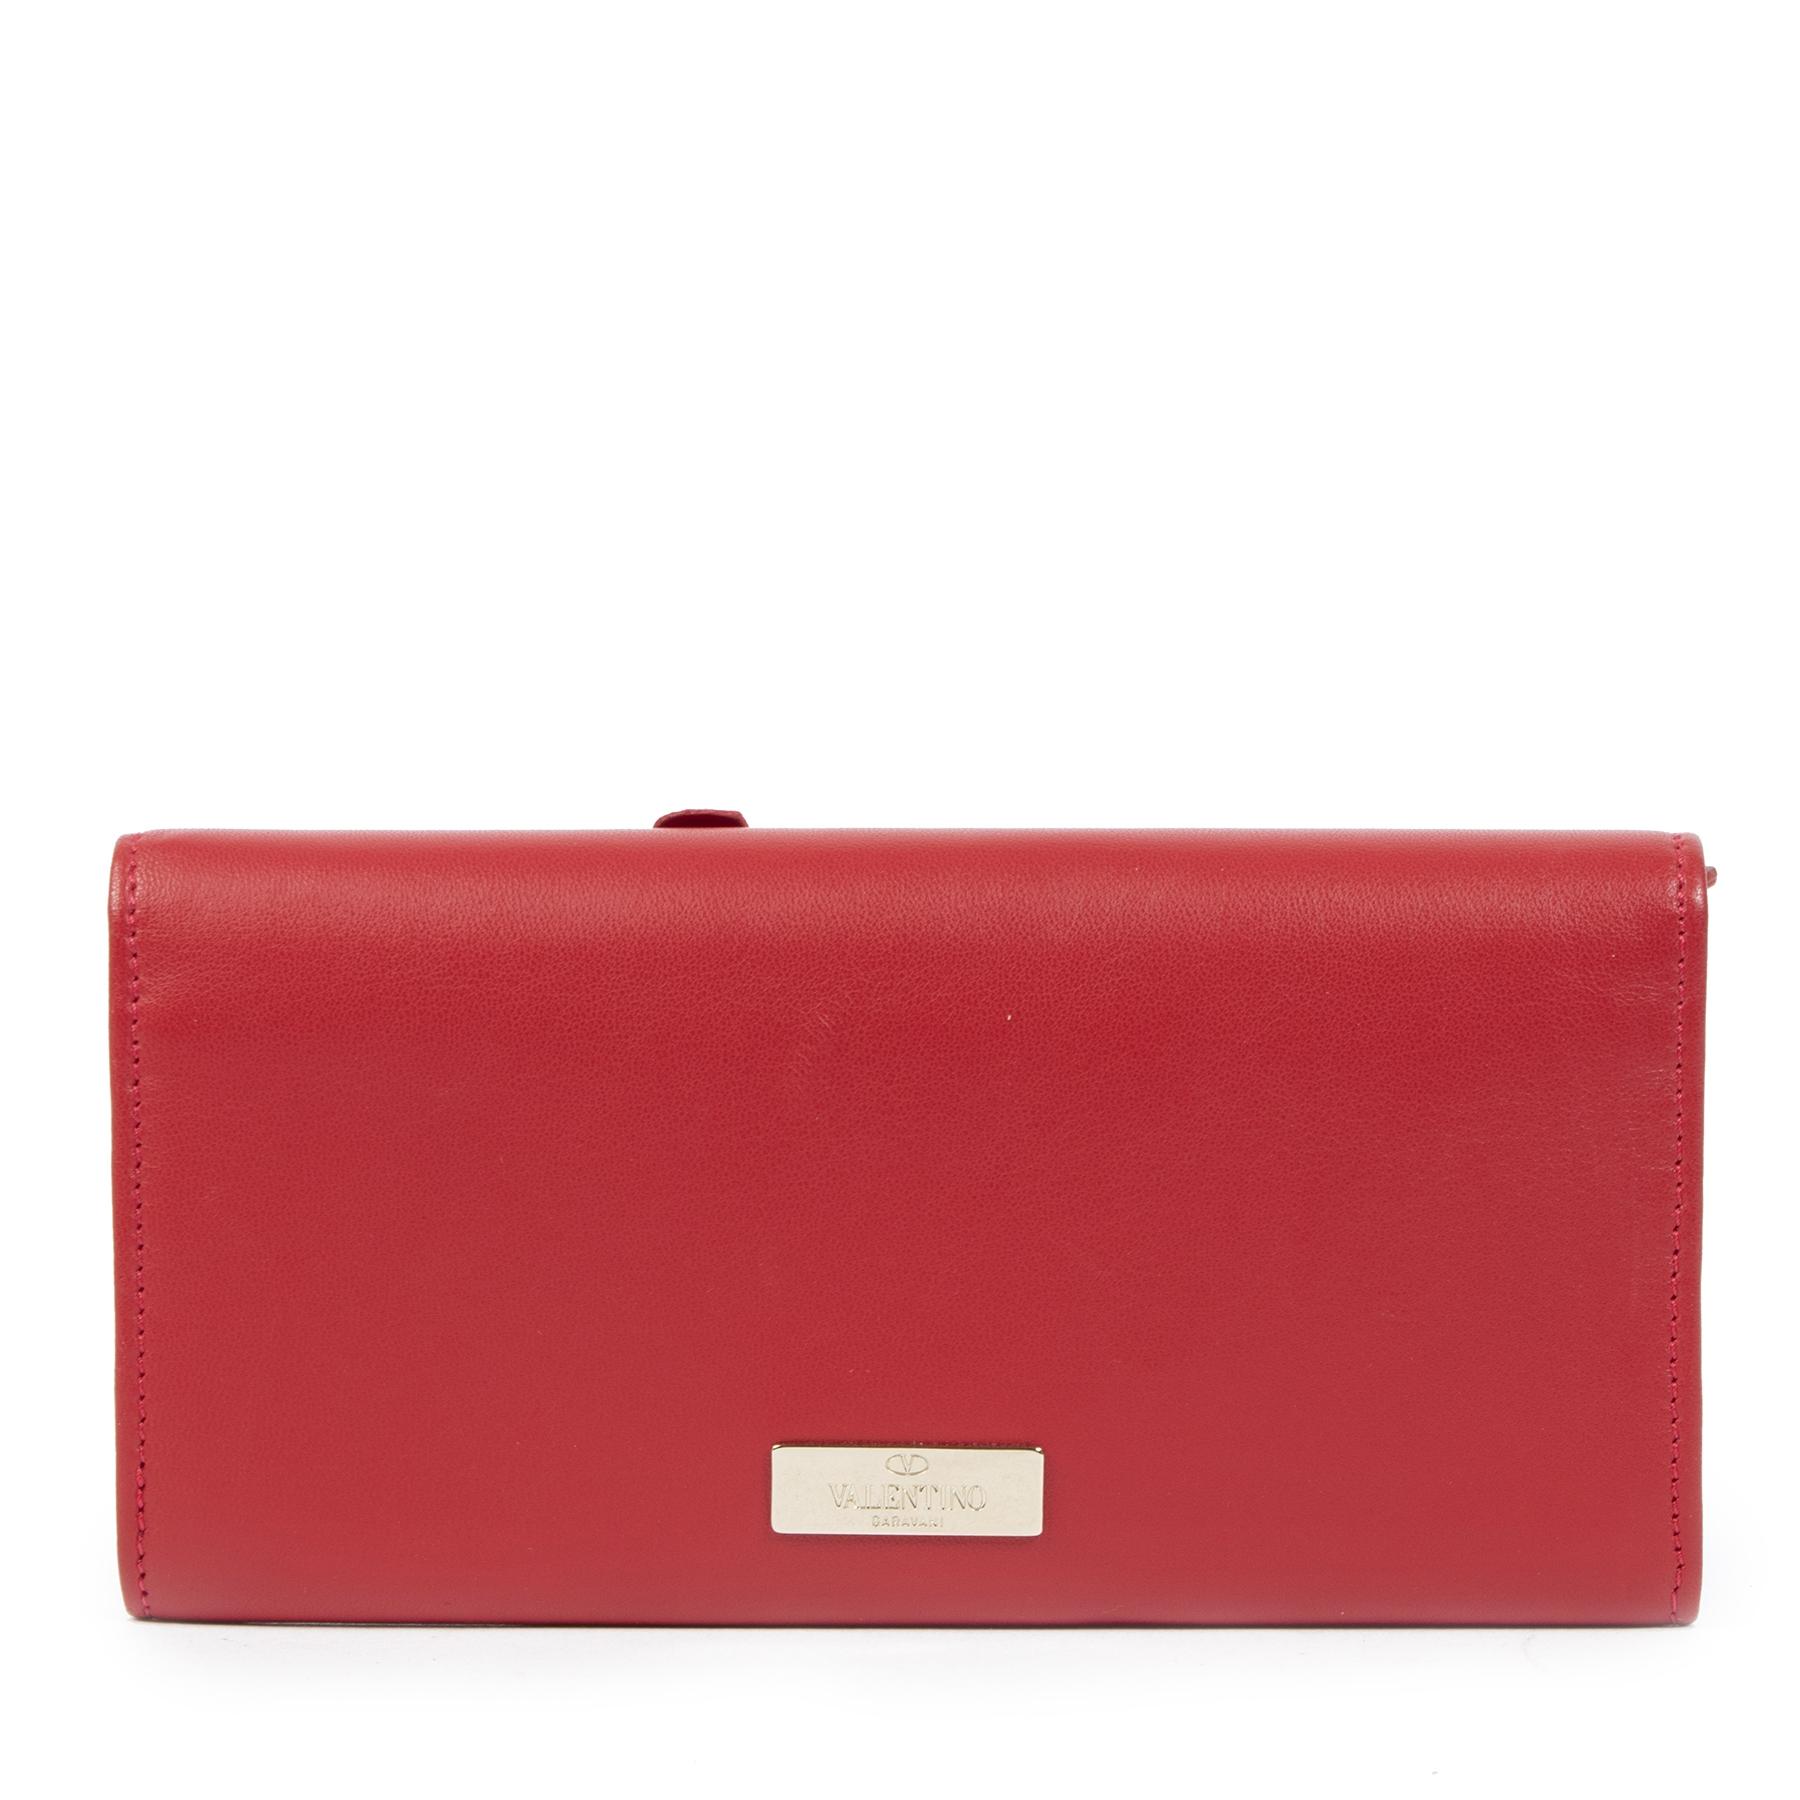 Valentino Red 3D Floral Wallet te koop